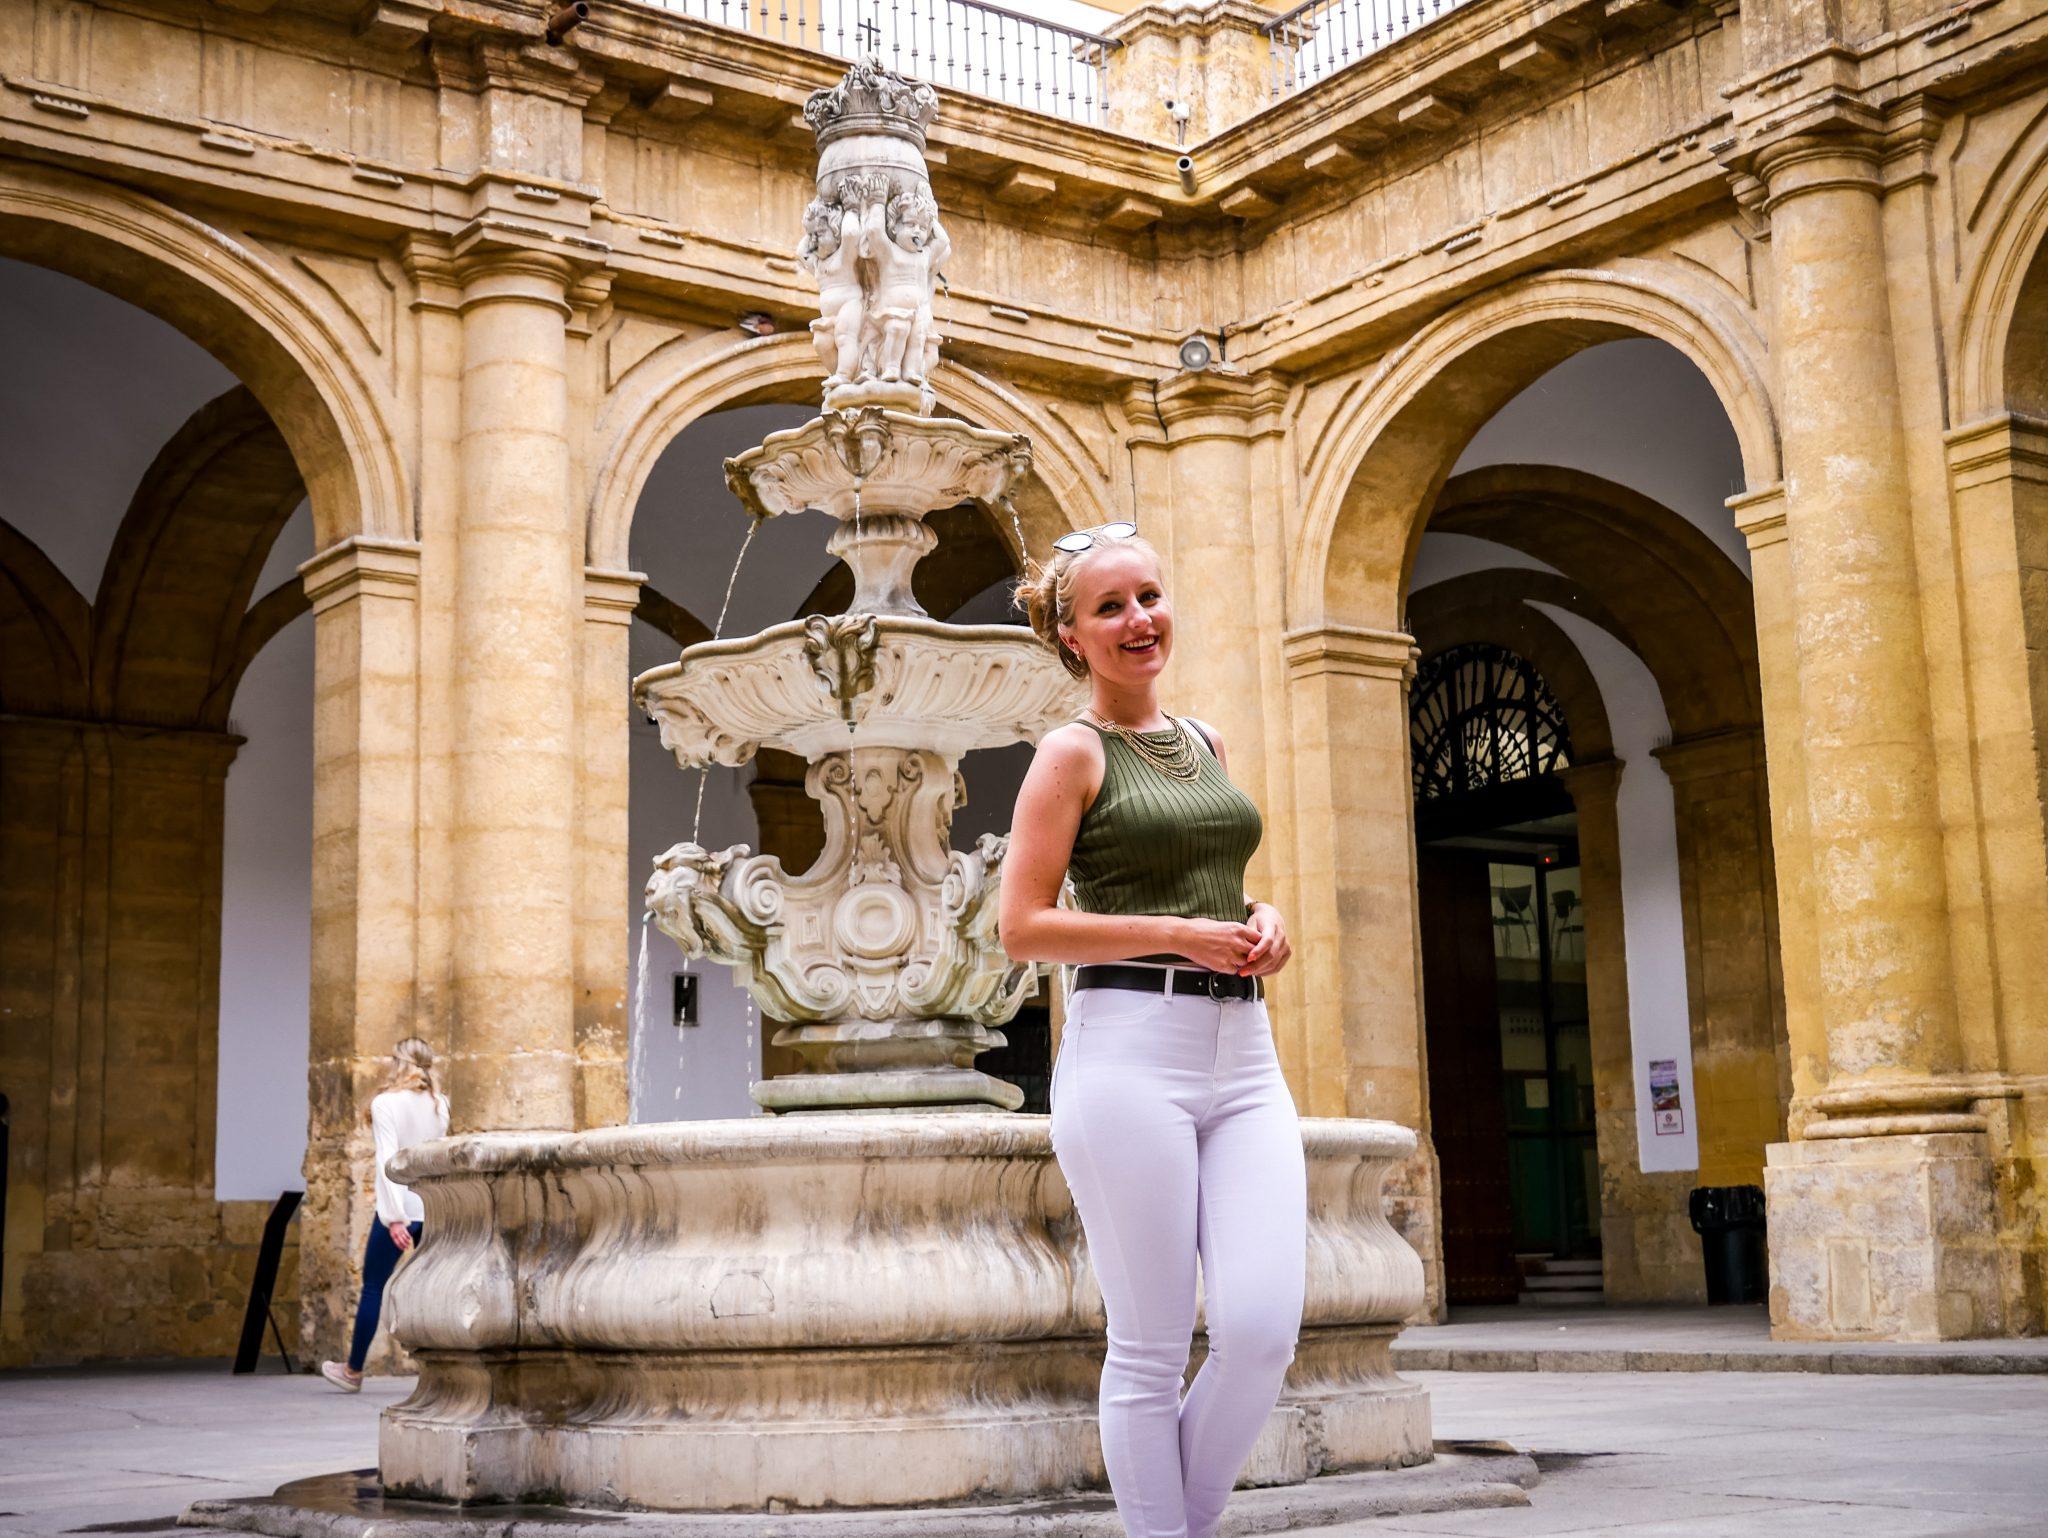 Die vielen Innenhöfe in Sevilla sind immer wieder überraschend und wunderschön!